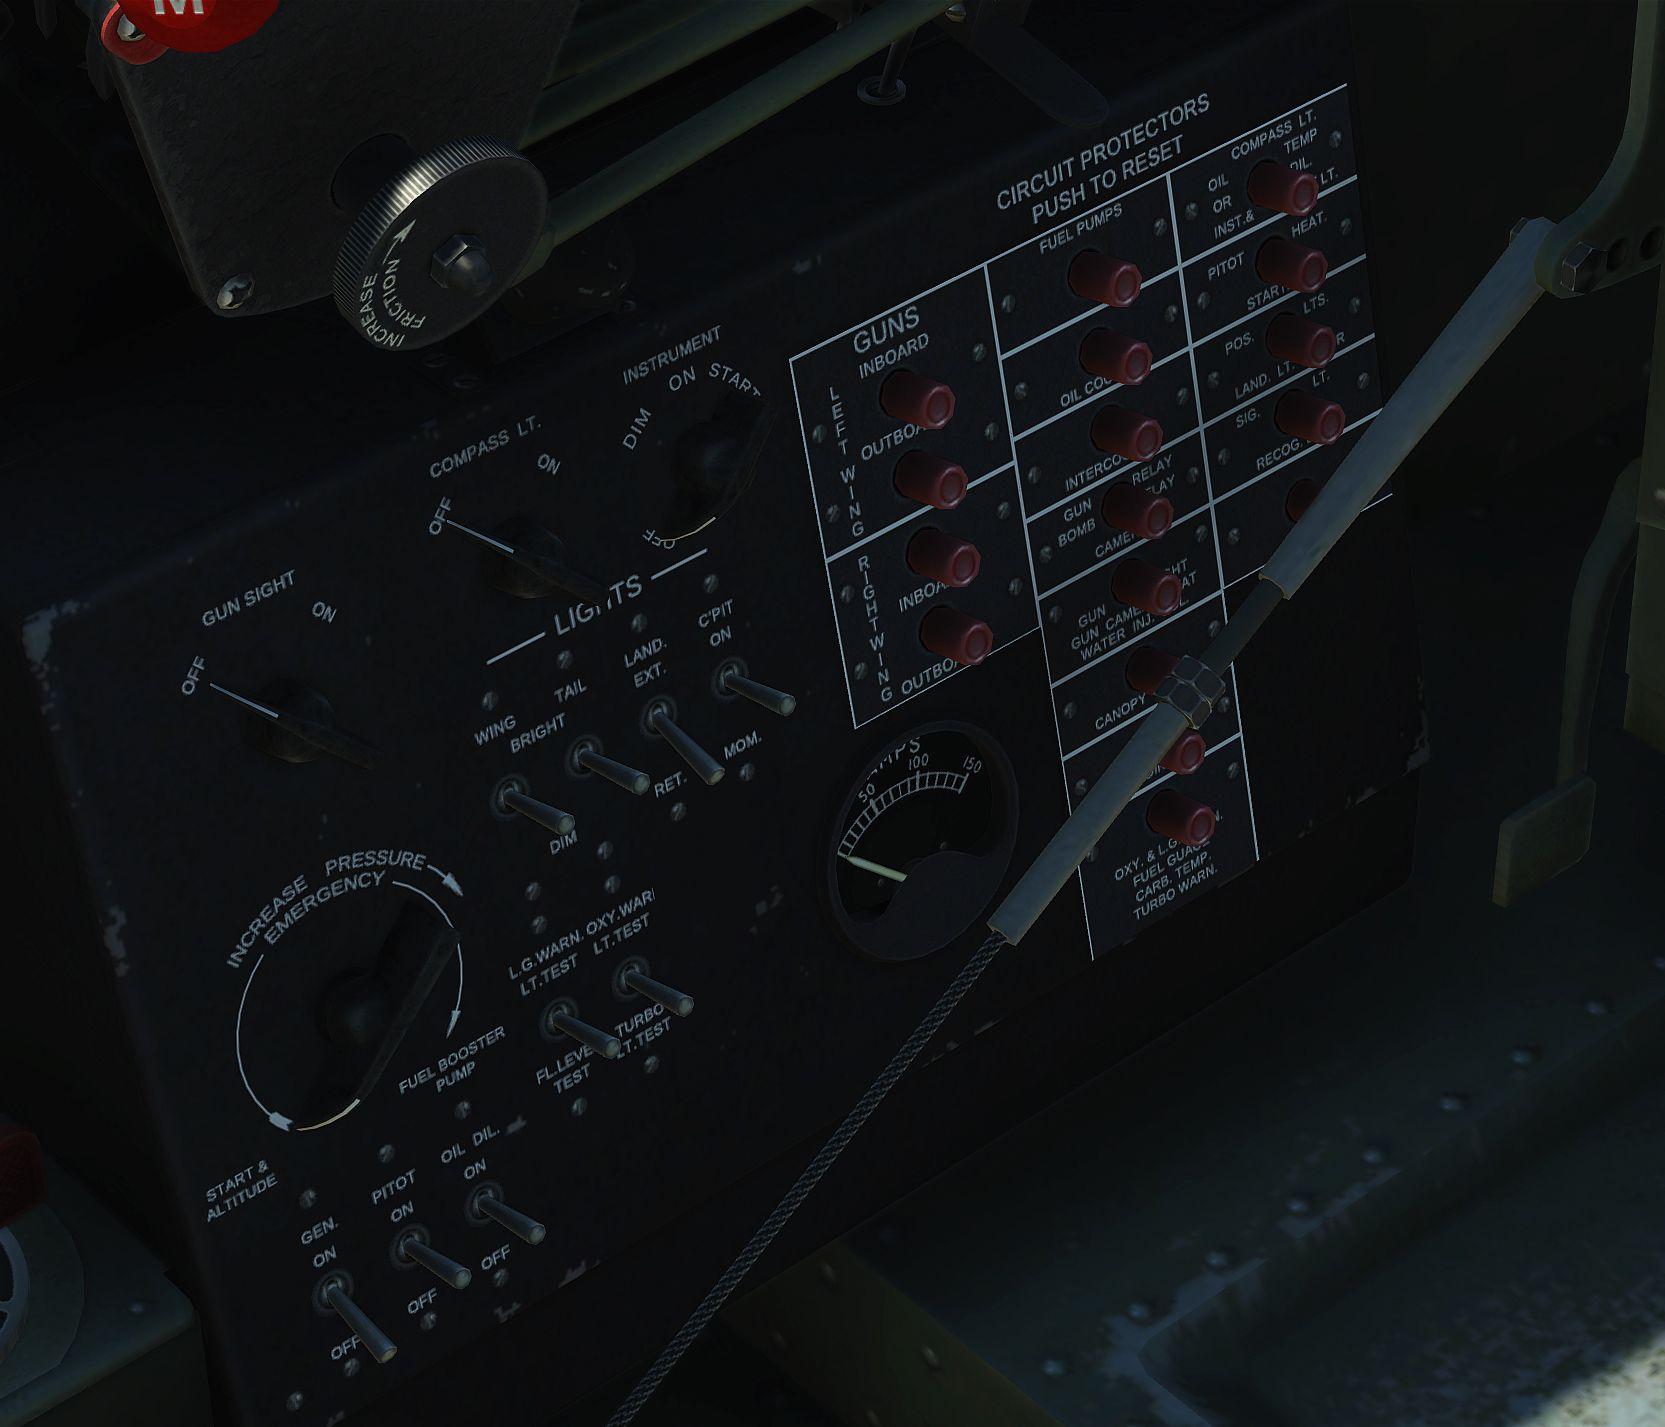 [FICHE] Republic P47-D-28-RE 5bdac024d4929